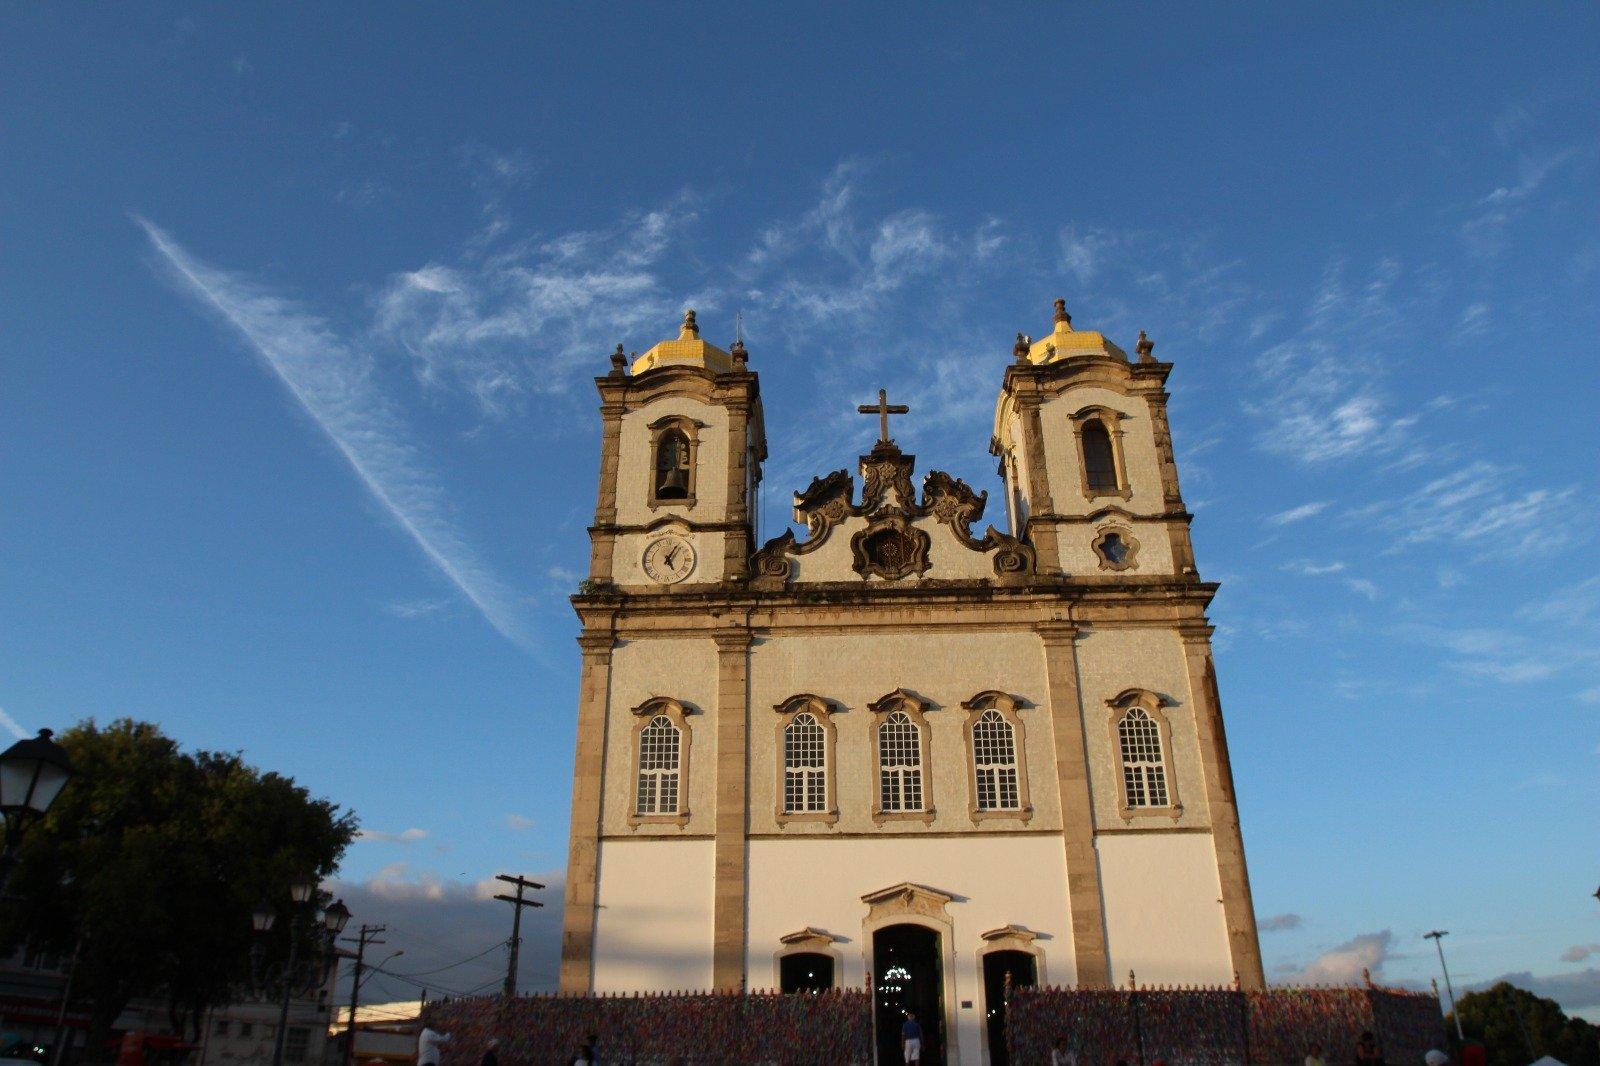 Confira os horários de Missas da Basílica do Bonfim durante os jogos da Seleção Brasileira